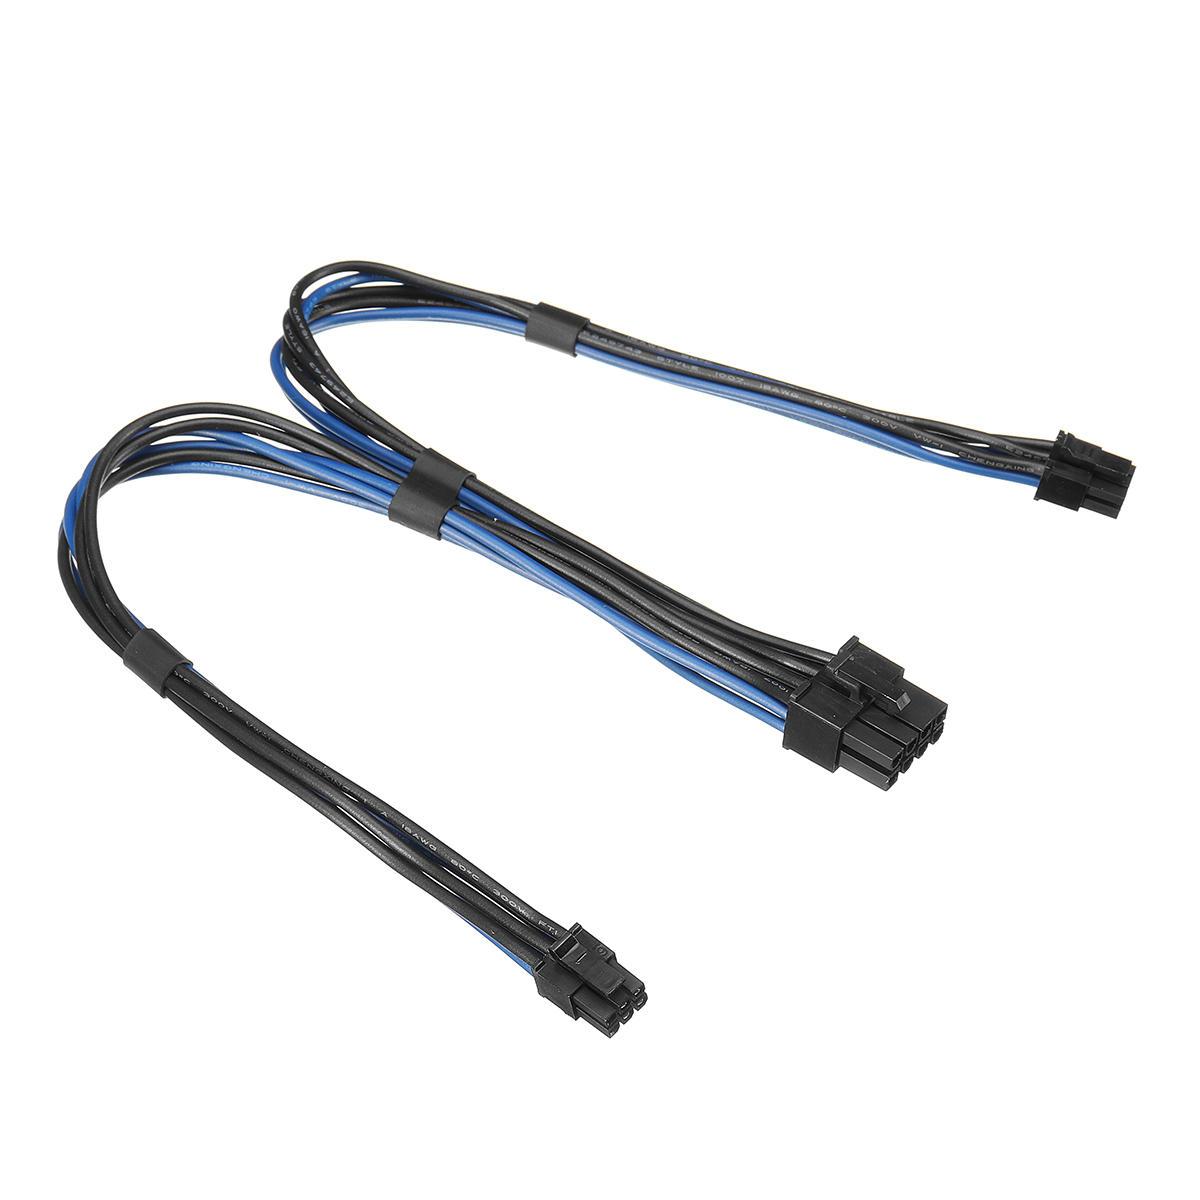 18awg Dual Mini 6 Pin Pci E Male To 8 Pin Male Y Splitter